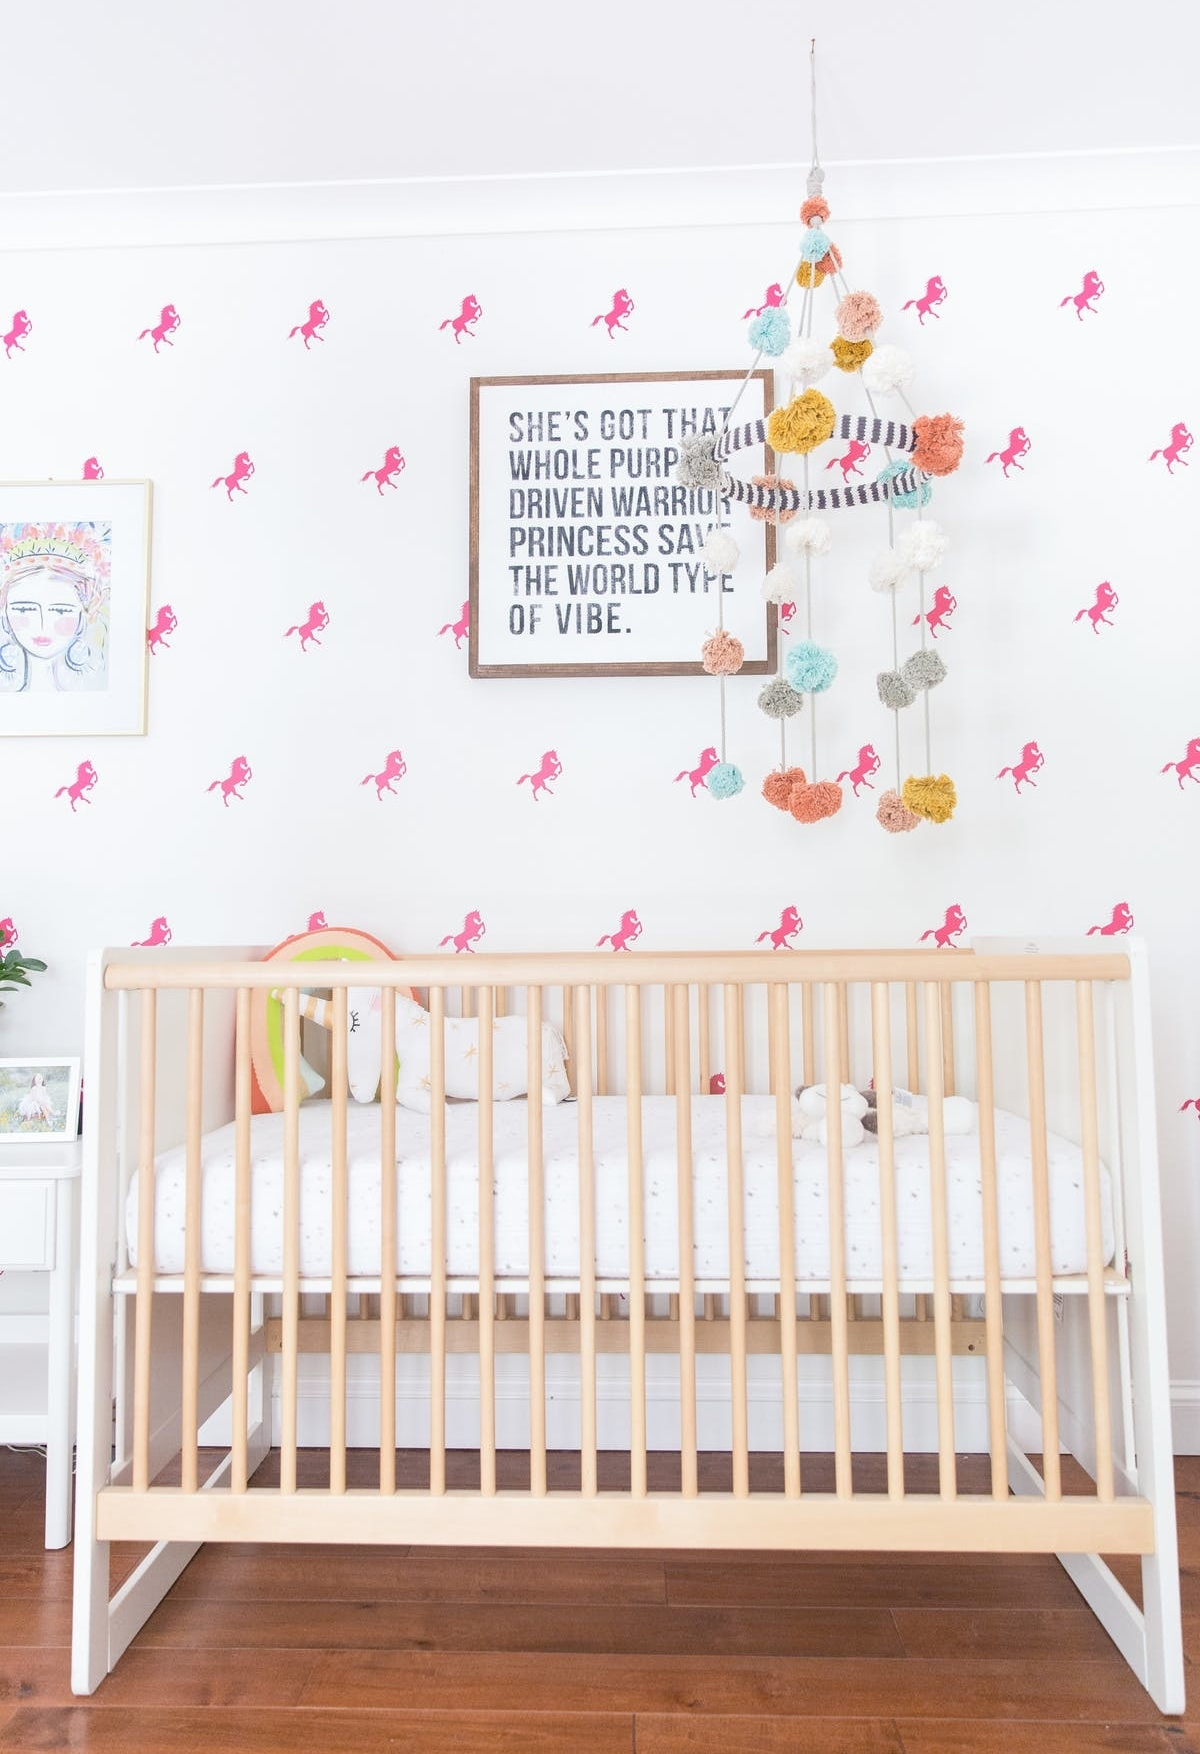 E para quem prefere ousar um pouquinho com as estampas, dê uma olhada nesta parede branca com cavalinhos pink, que dá um toque mais divertido para o ambiente